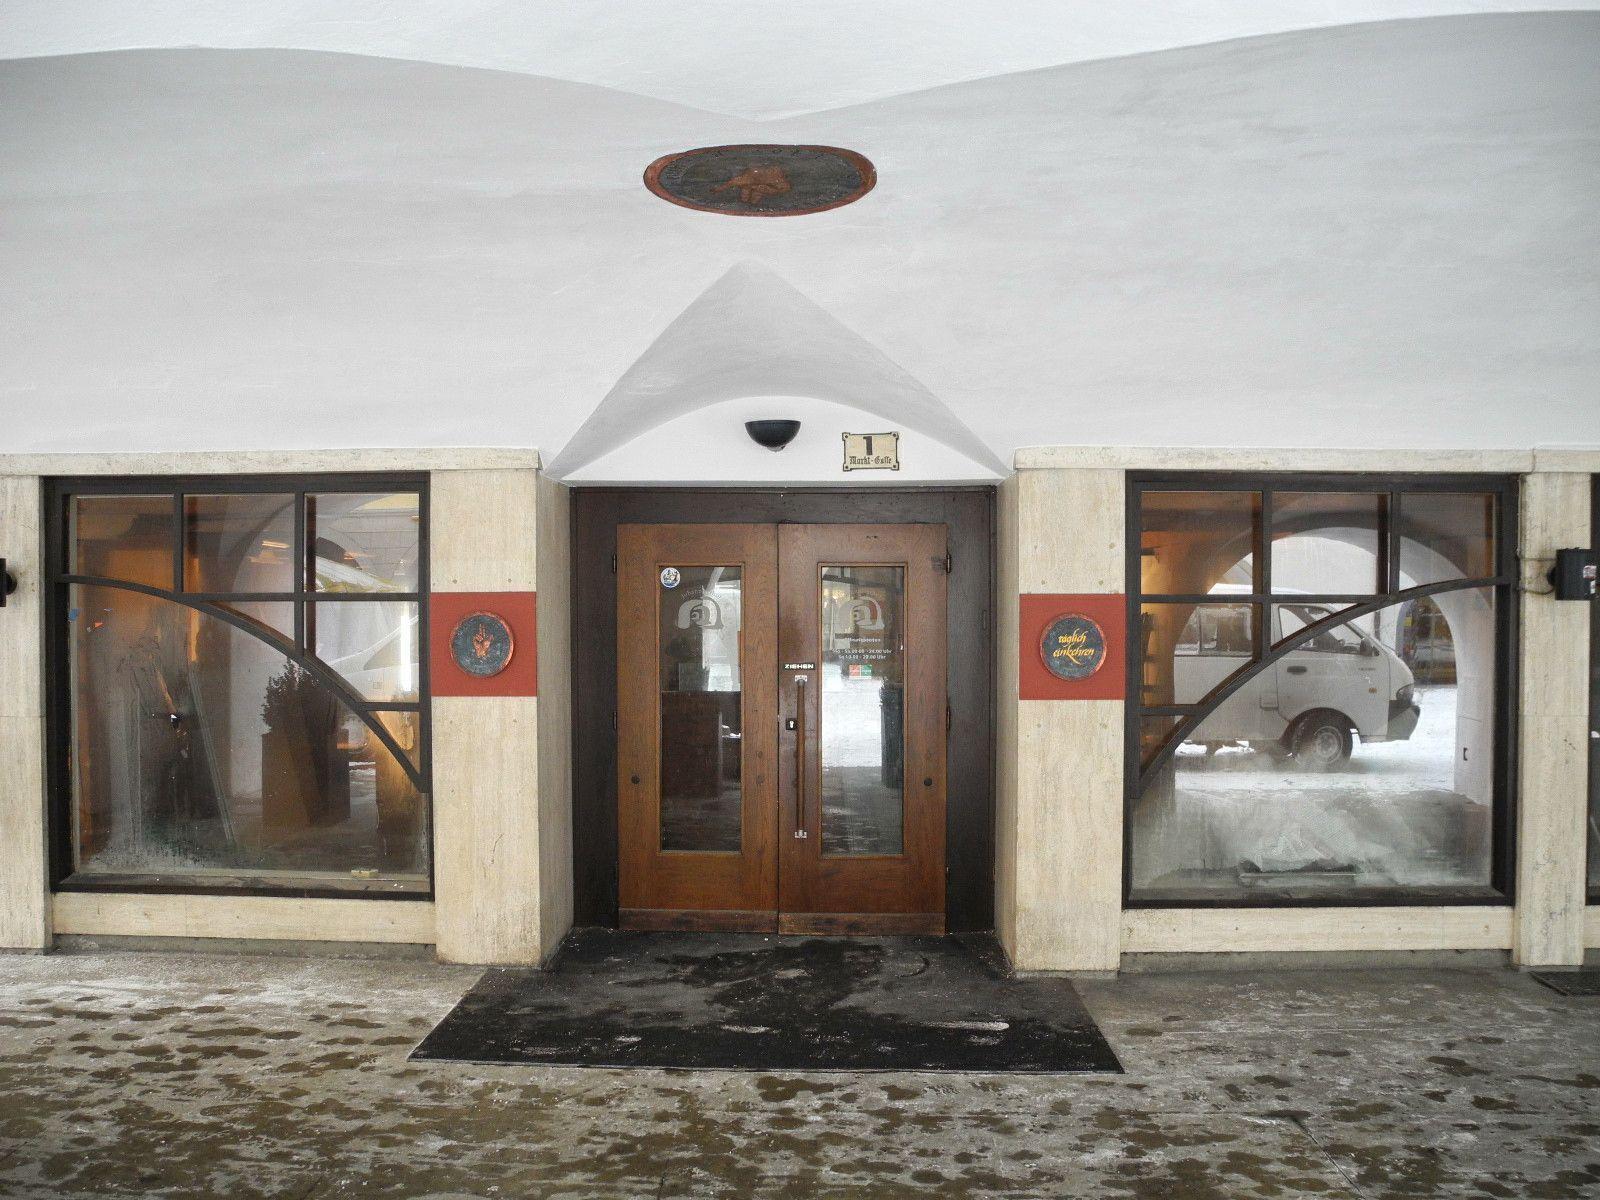 Voraussichtlich Anfang Mai wird das Restaurant Johanniterhof in der Marktgasse seine Türen öffenen